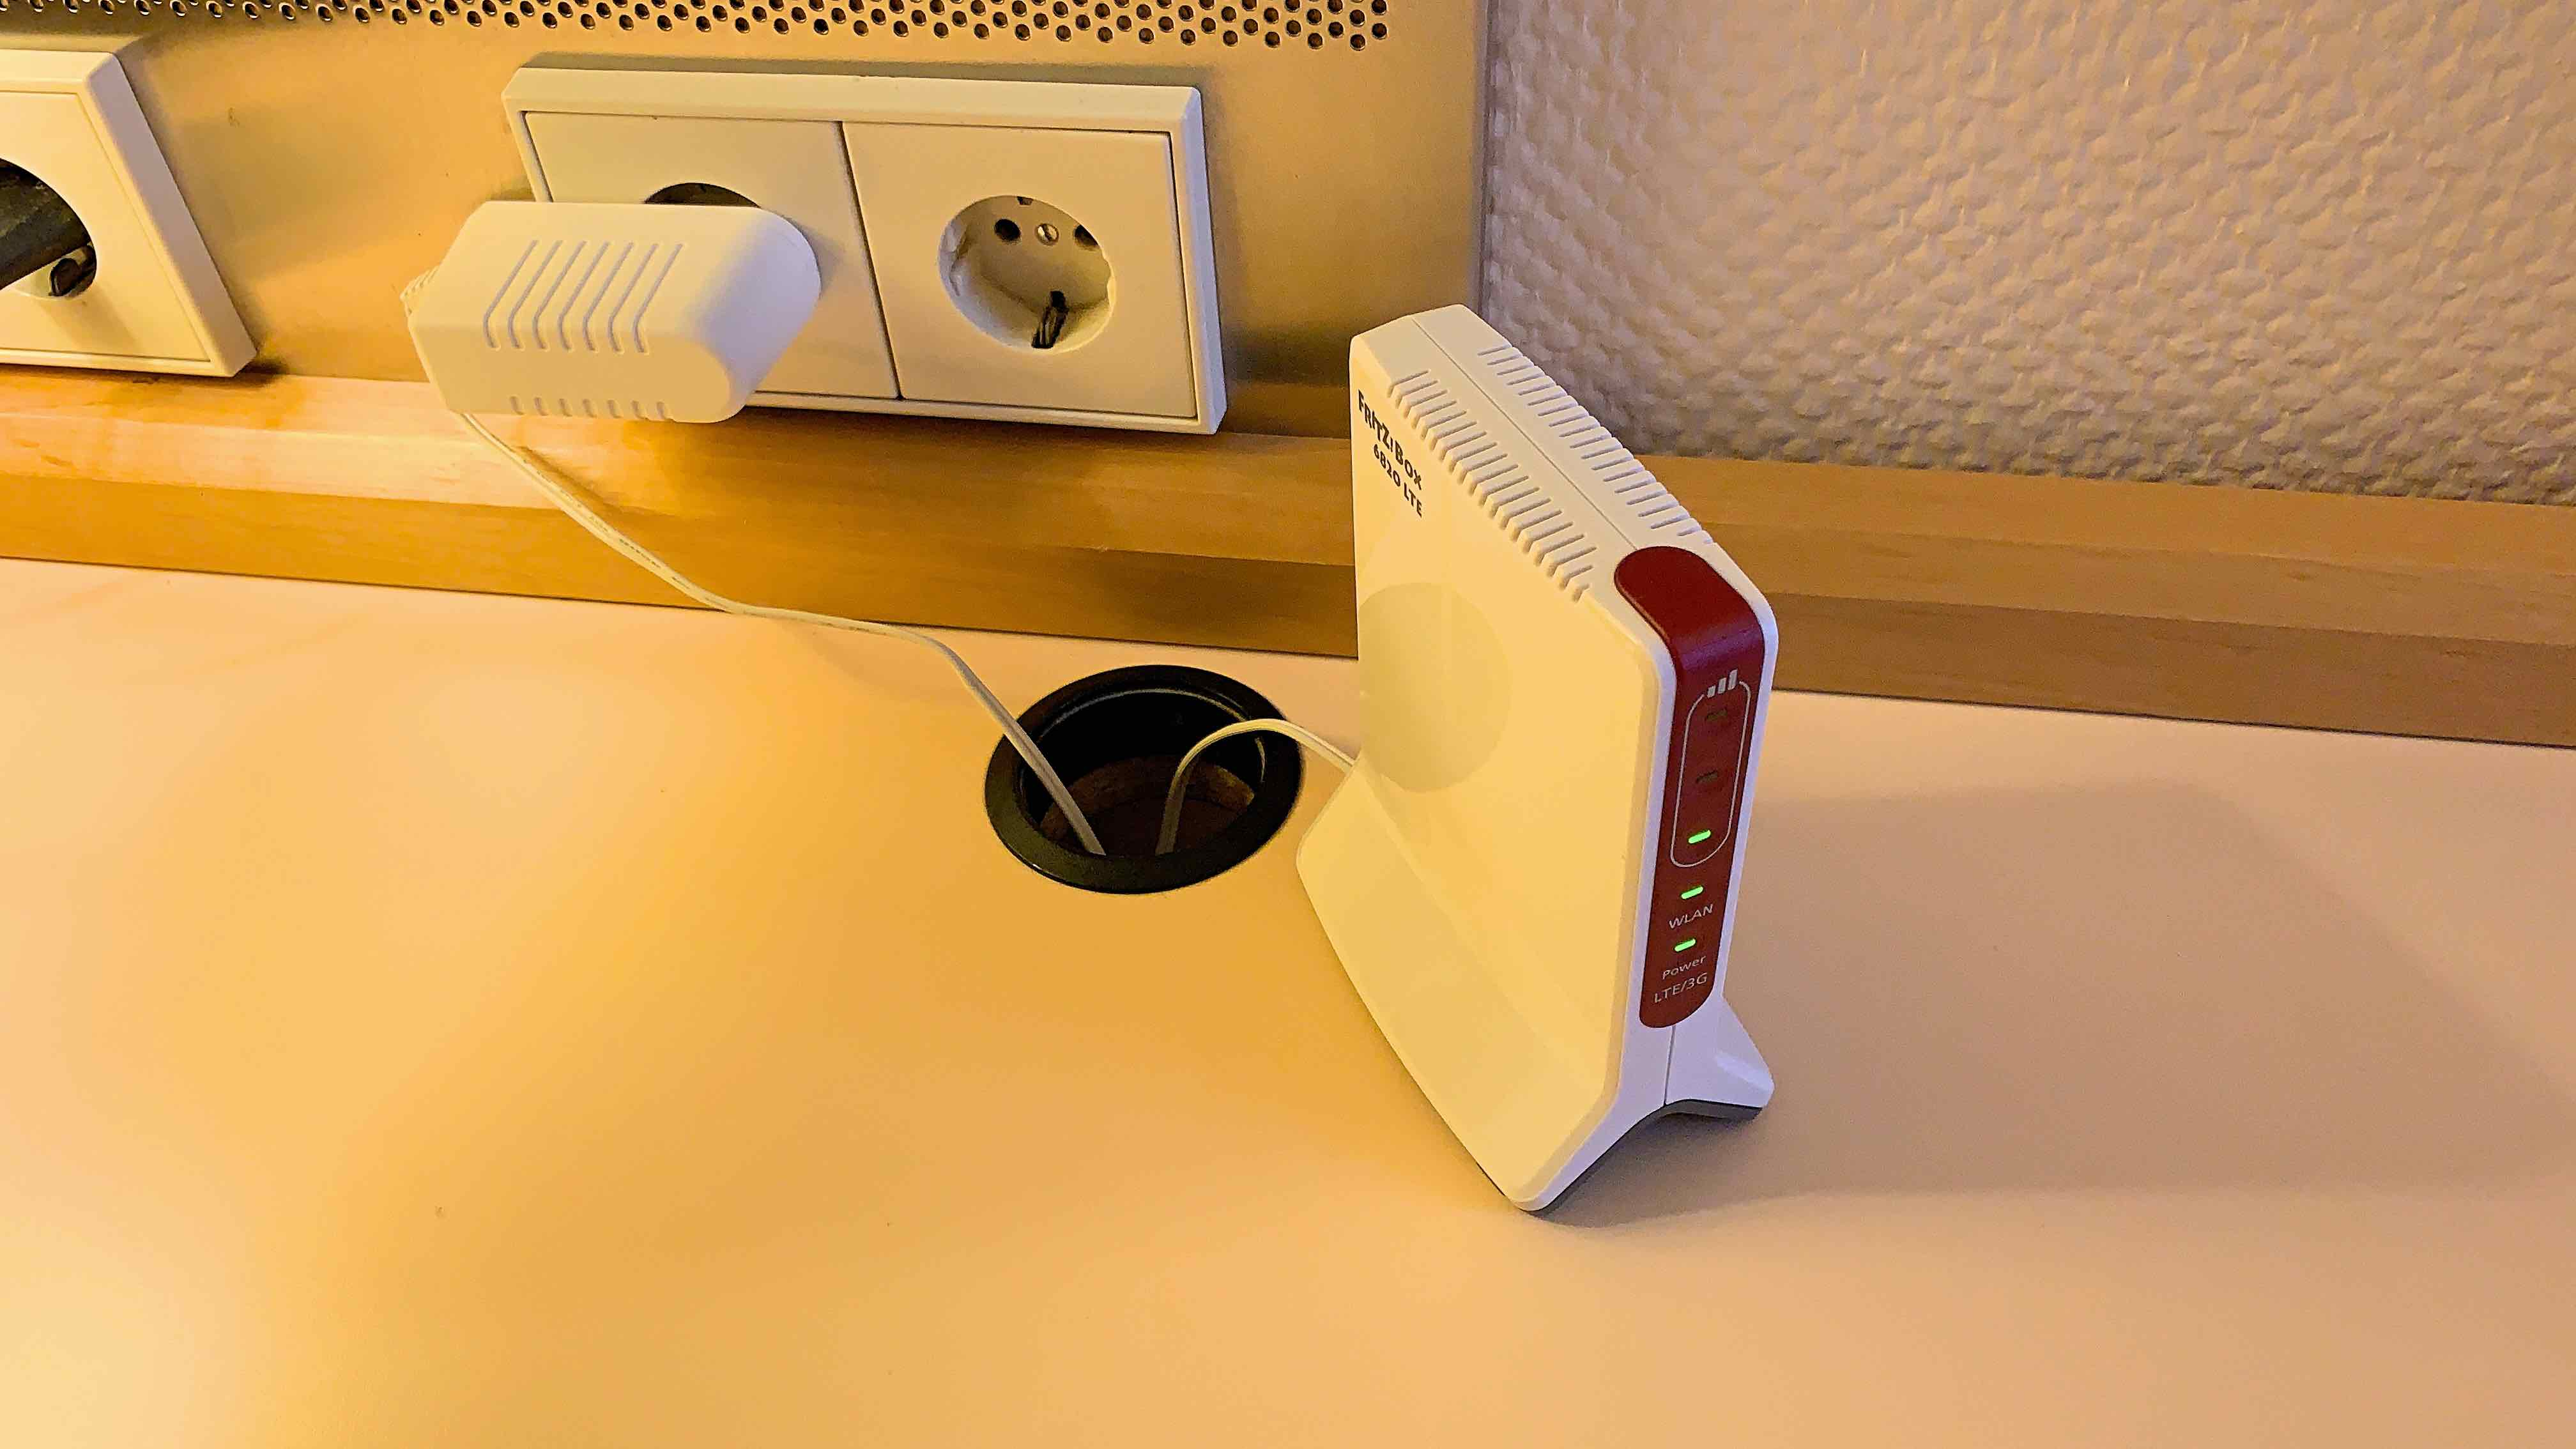 AVM_FRITZBox_6820_LTE_Router2 FRITZ!Box 6820 LTE von AVM - nimm dein Internet und WLAN einfach mit